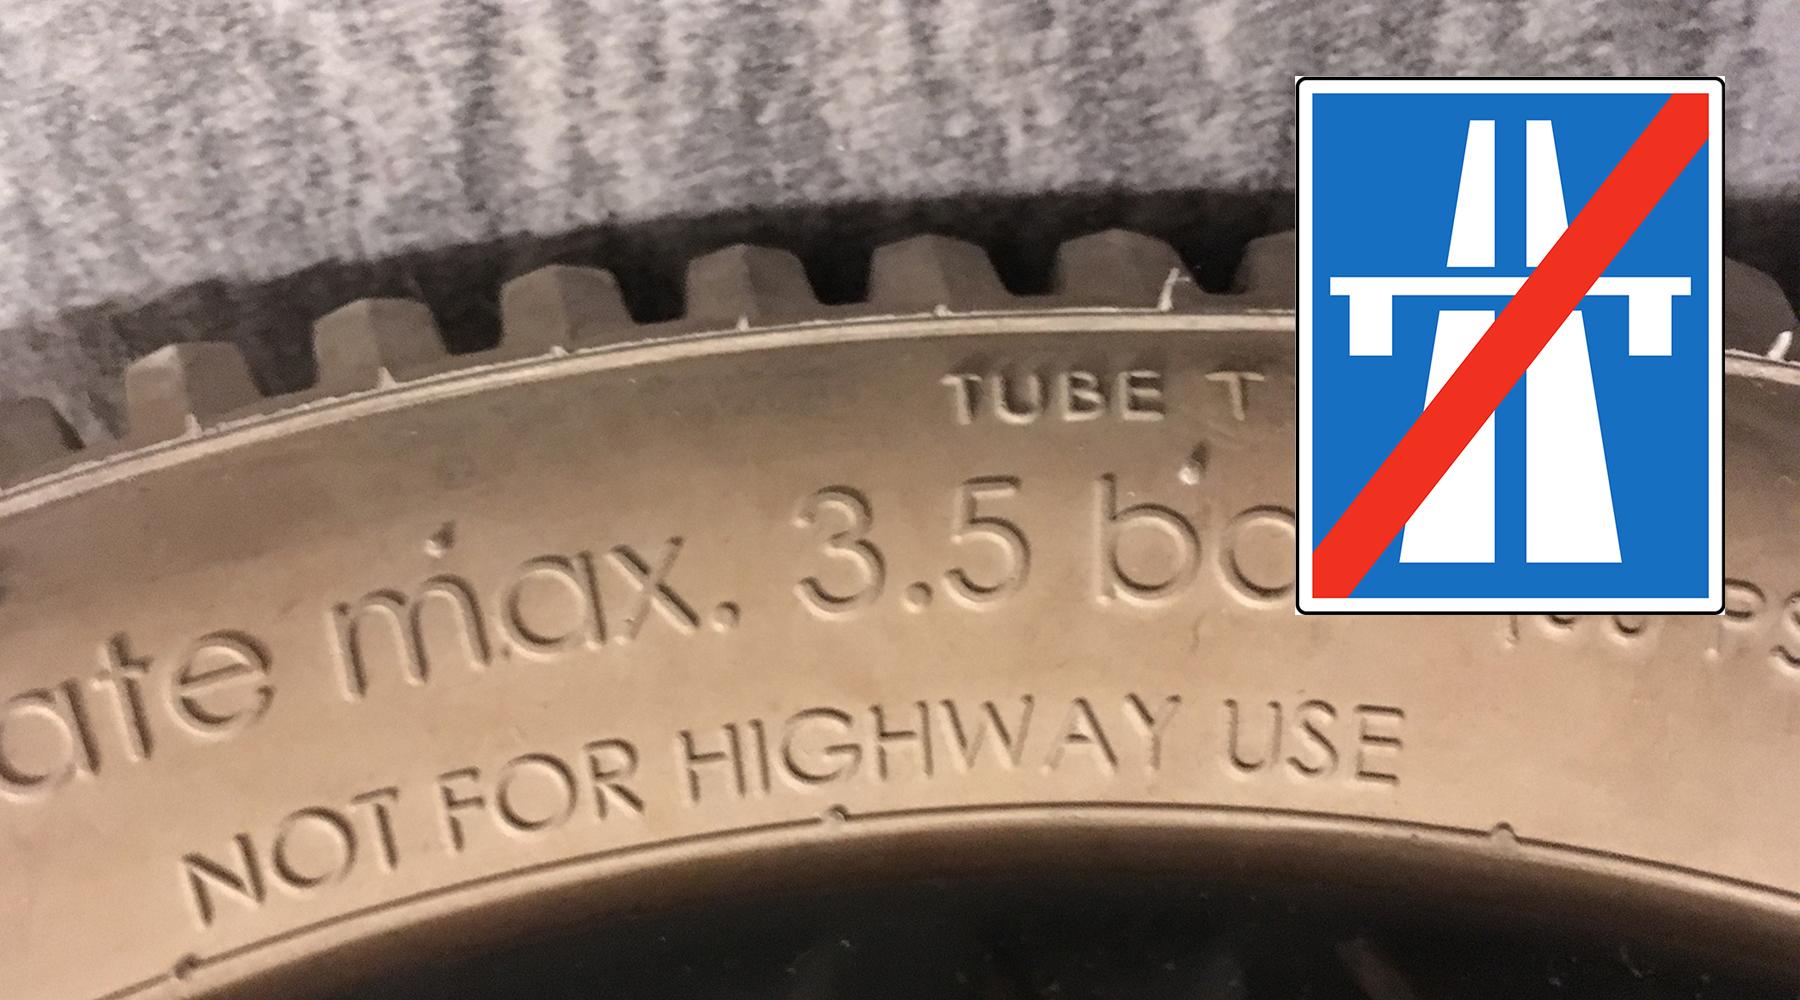 Nicht auf der Autobahn verwenden